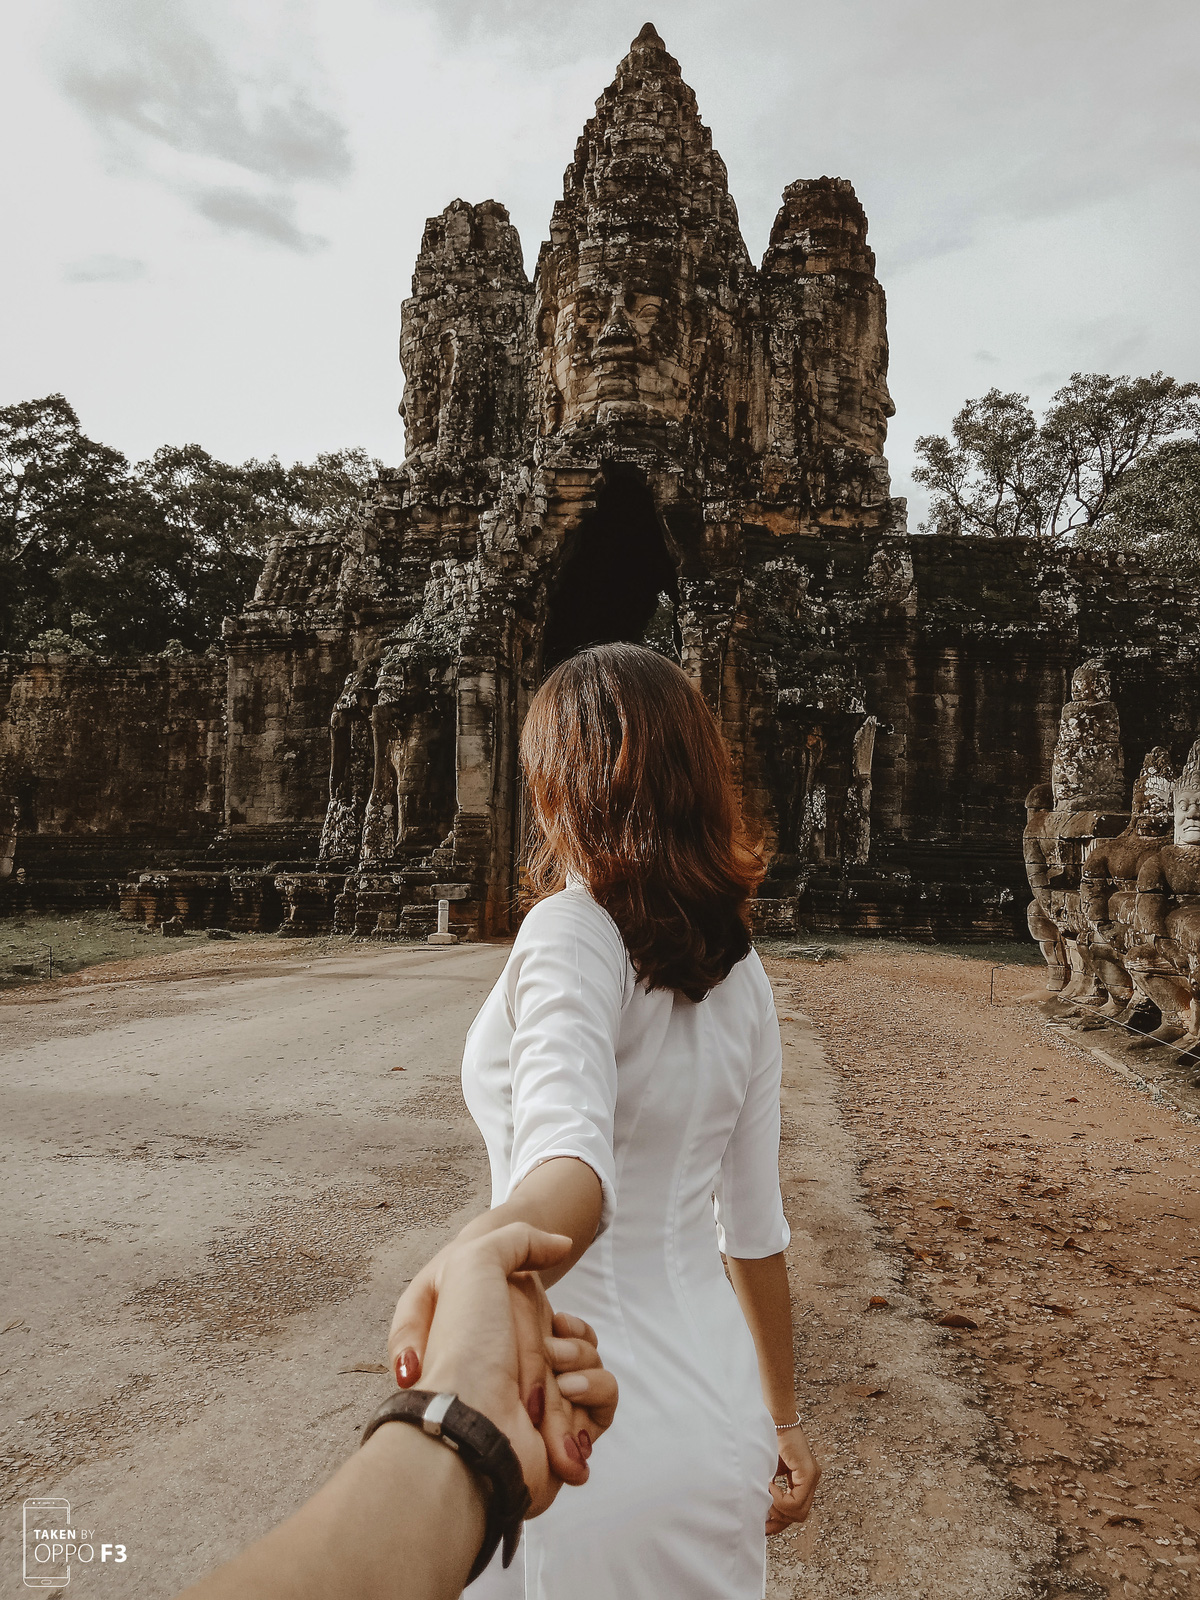 Campuchia: Tưởng không vui hoá ra vui không tưởng, đi mãi chẳng hết chỗ hay ho! - Ảnh 15.